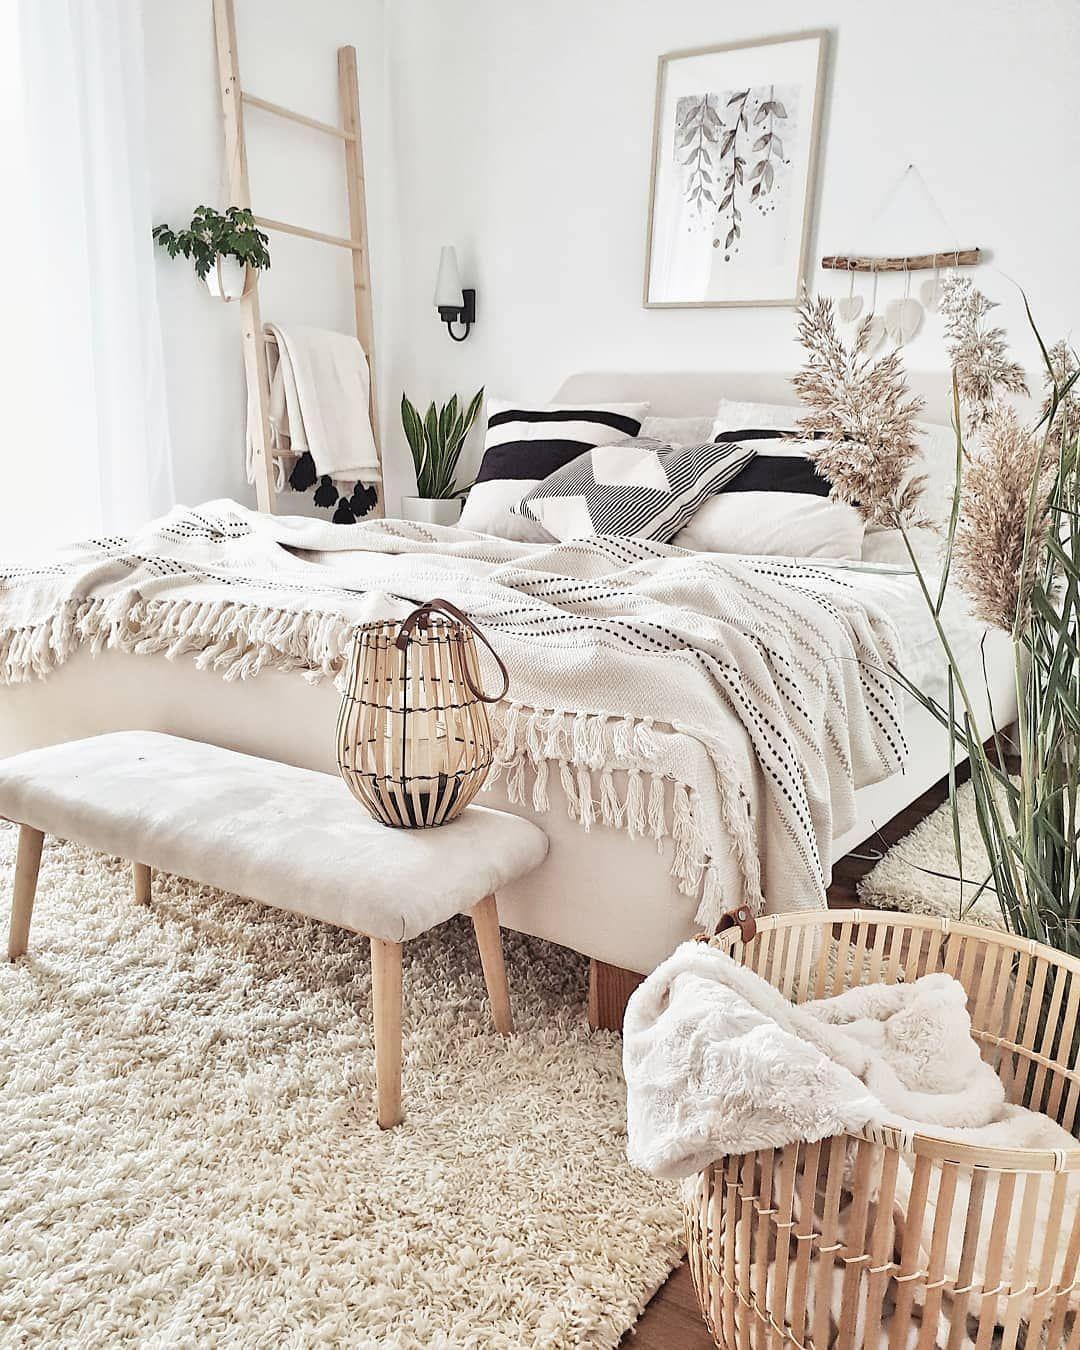 928 Me Gusta 8 Comentarios Decoracion Nordica Marylovedeco En Instagram El Cuerpo Me Pide Cama In 2020 Luxe Bedroom Room Decor Bedroom Room Ideas Bedroom